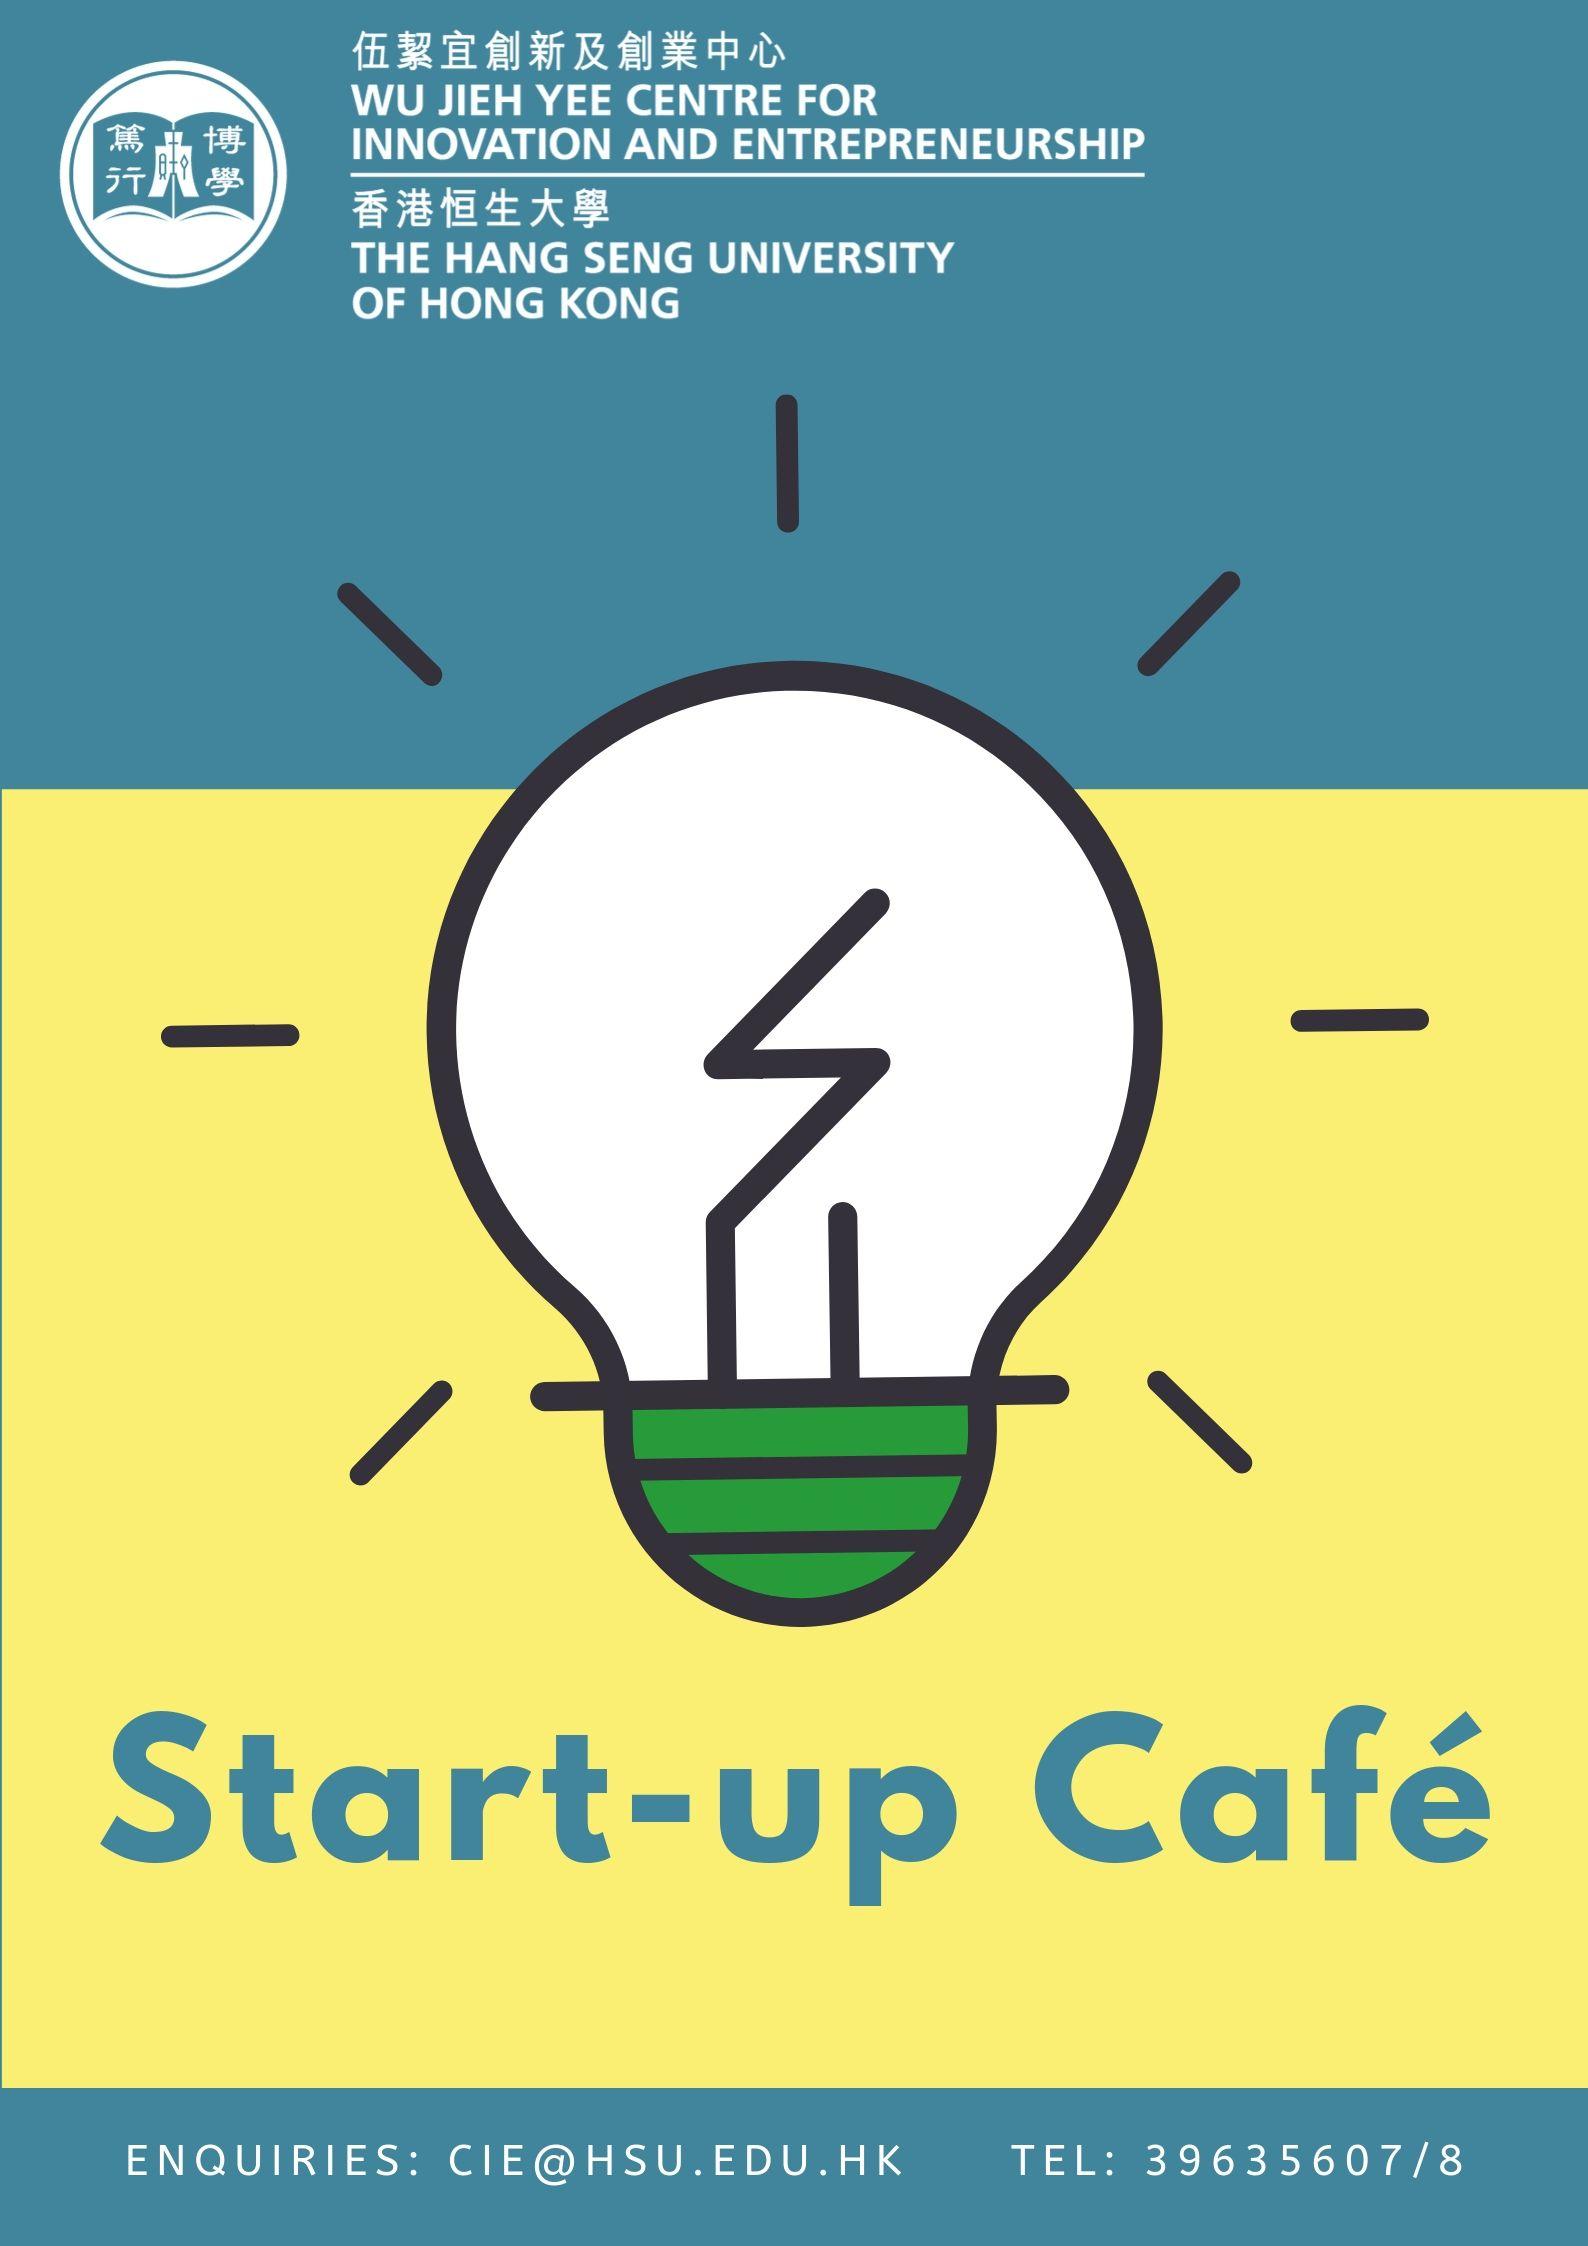 Start-up Café